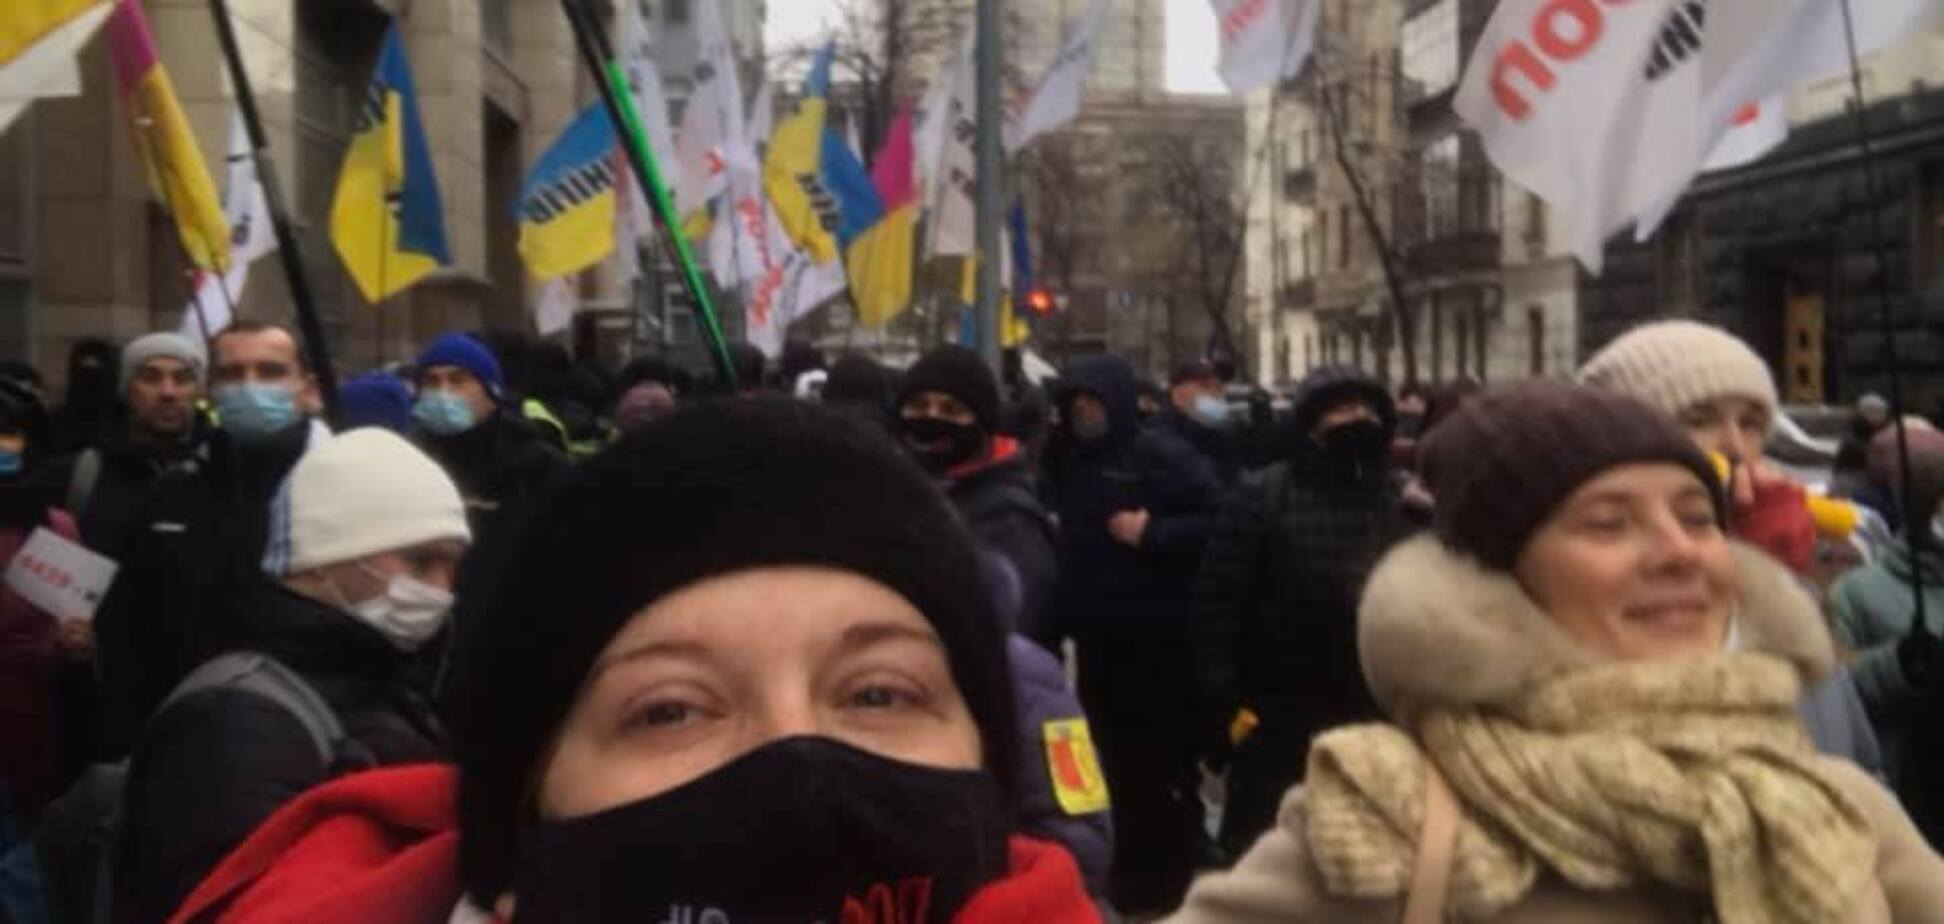 Підприємці провели під Радою масовий мітинг і пригрозили новими протестами